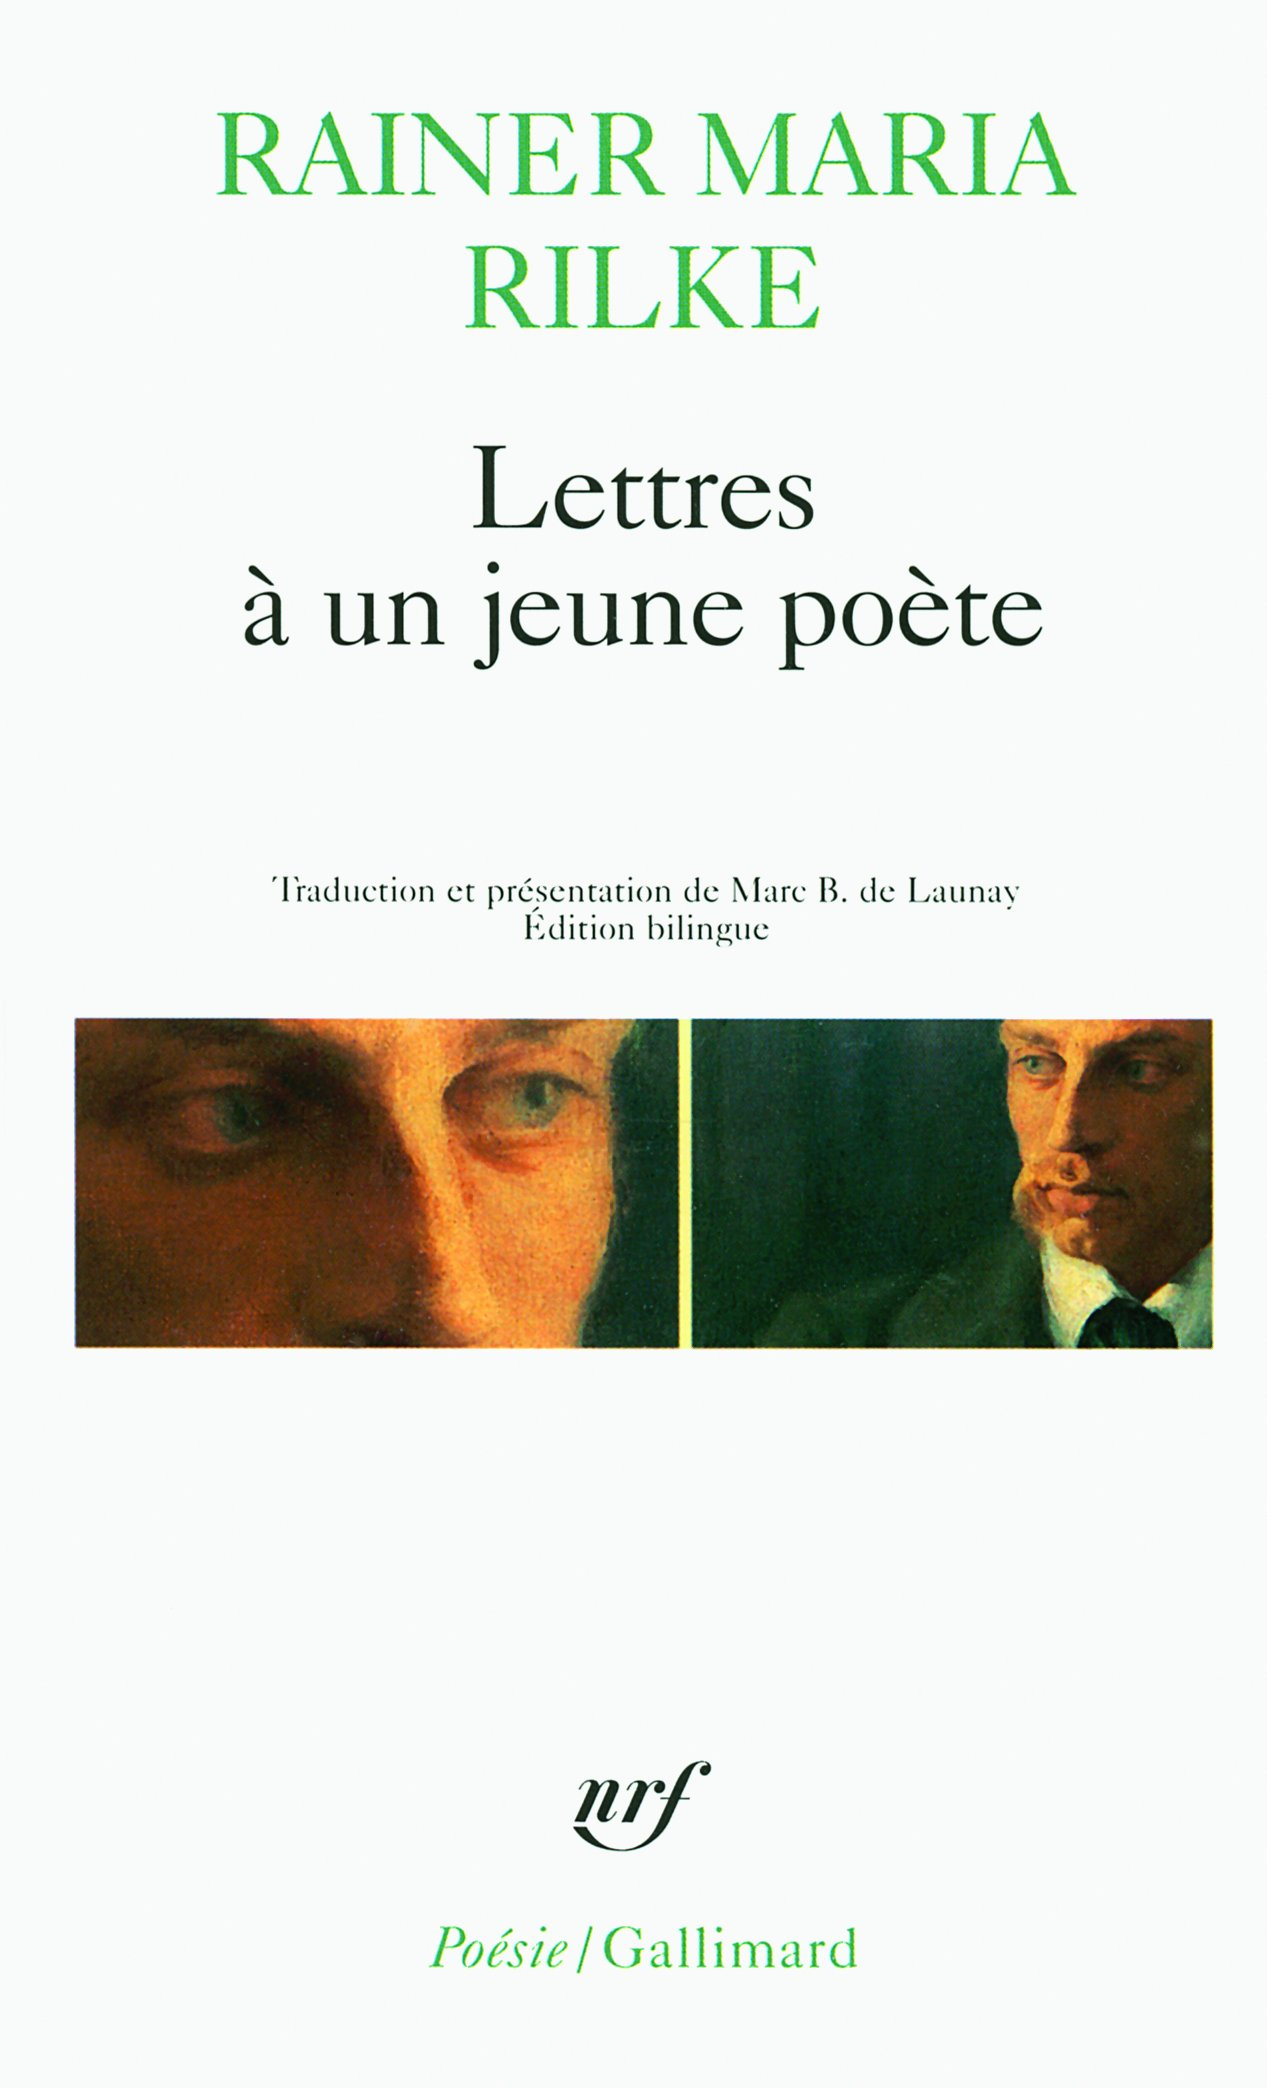 Lettres à un jeune poète (Poesie/Gallimard)